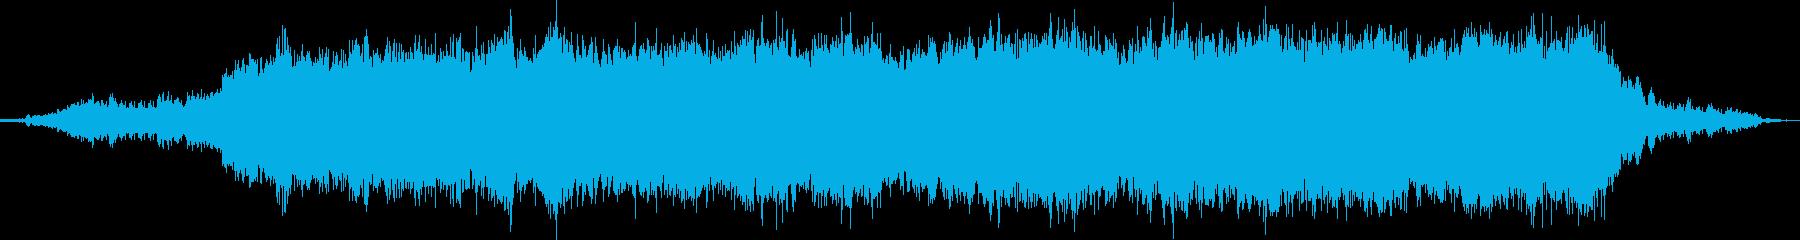 電車の音に重なるキーボードの再生済みの波形